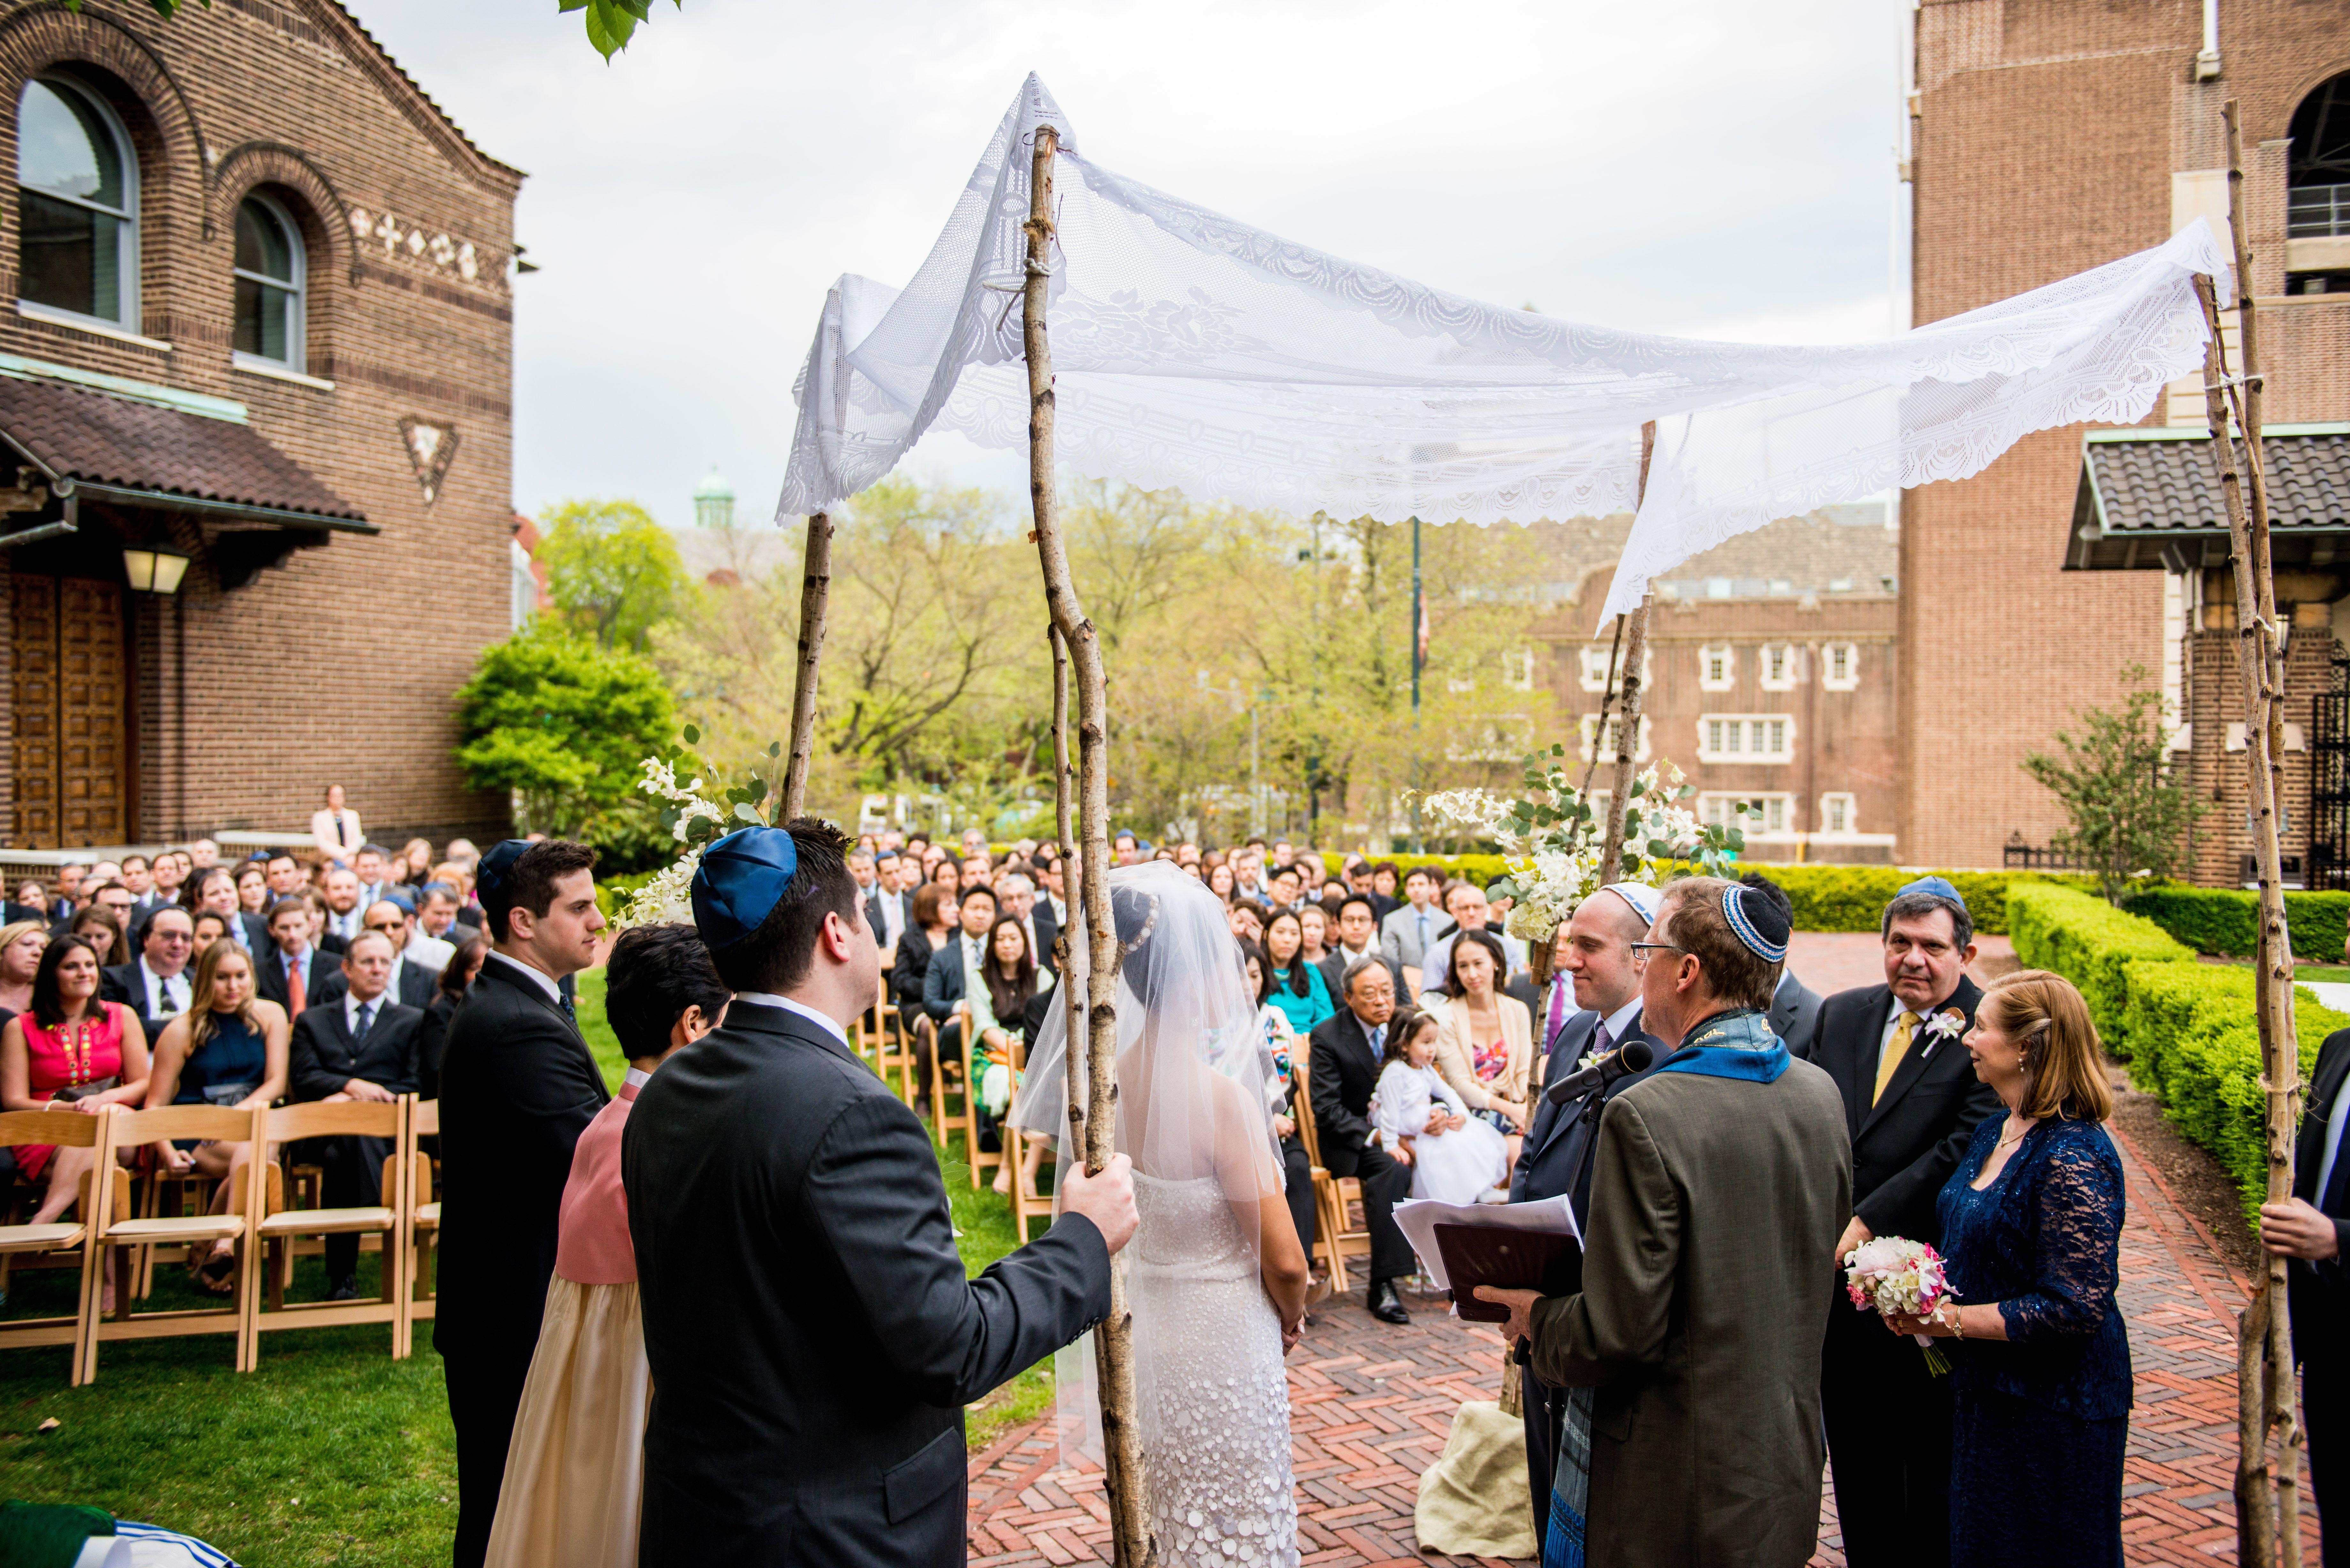 grossman chung wedding may 2014 warden garden penn museum rentals hye